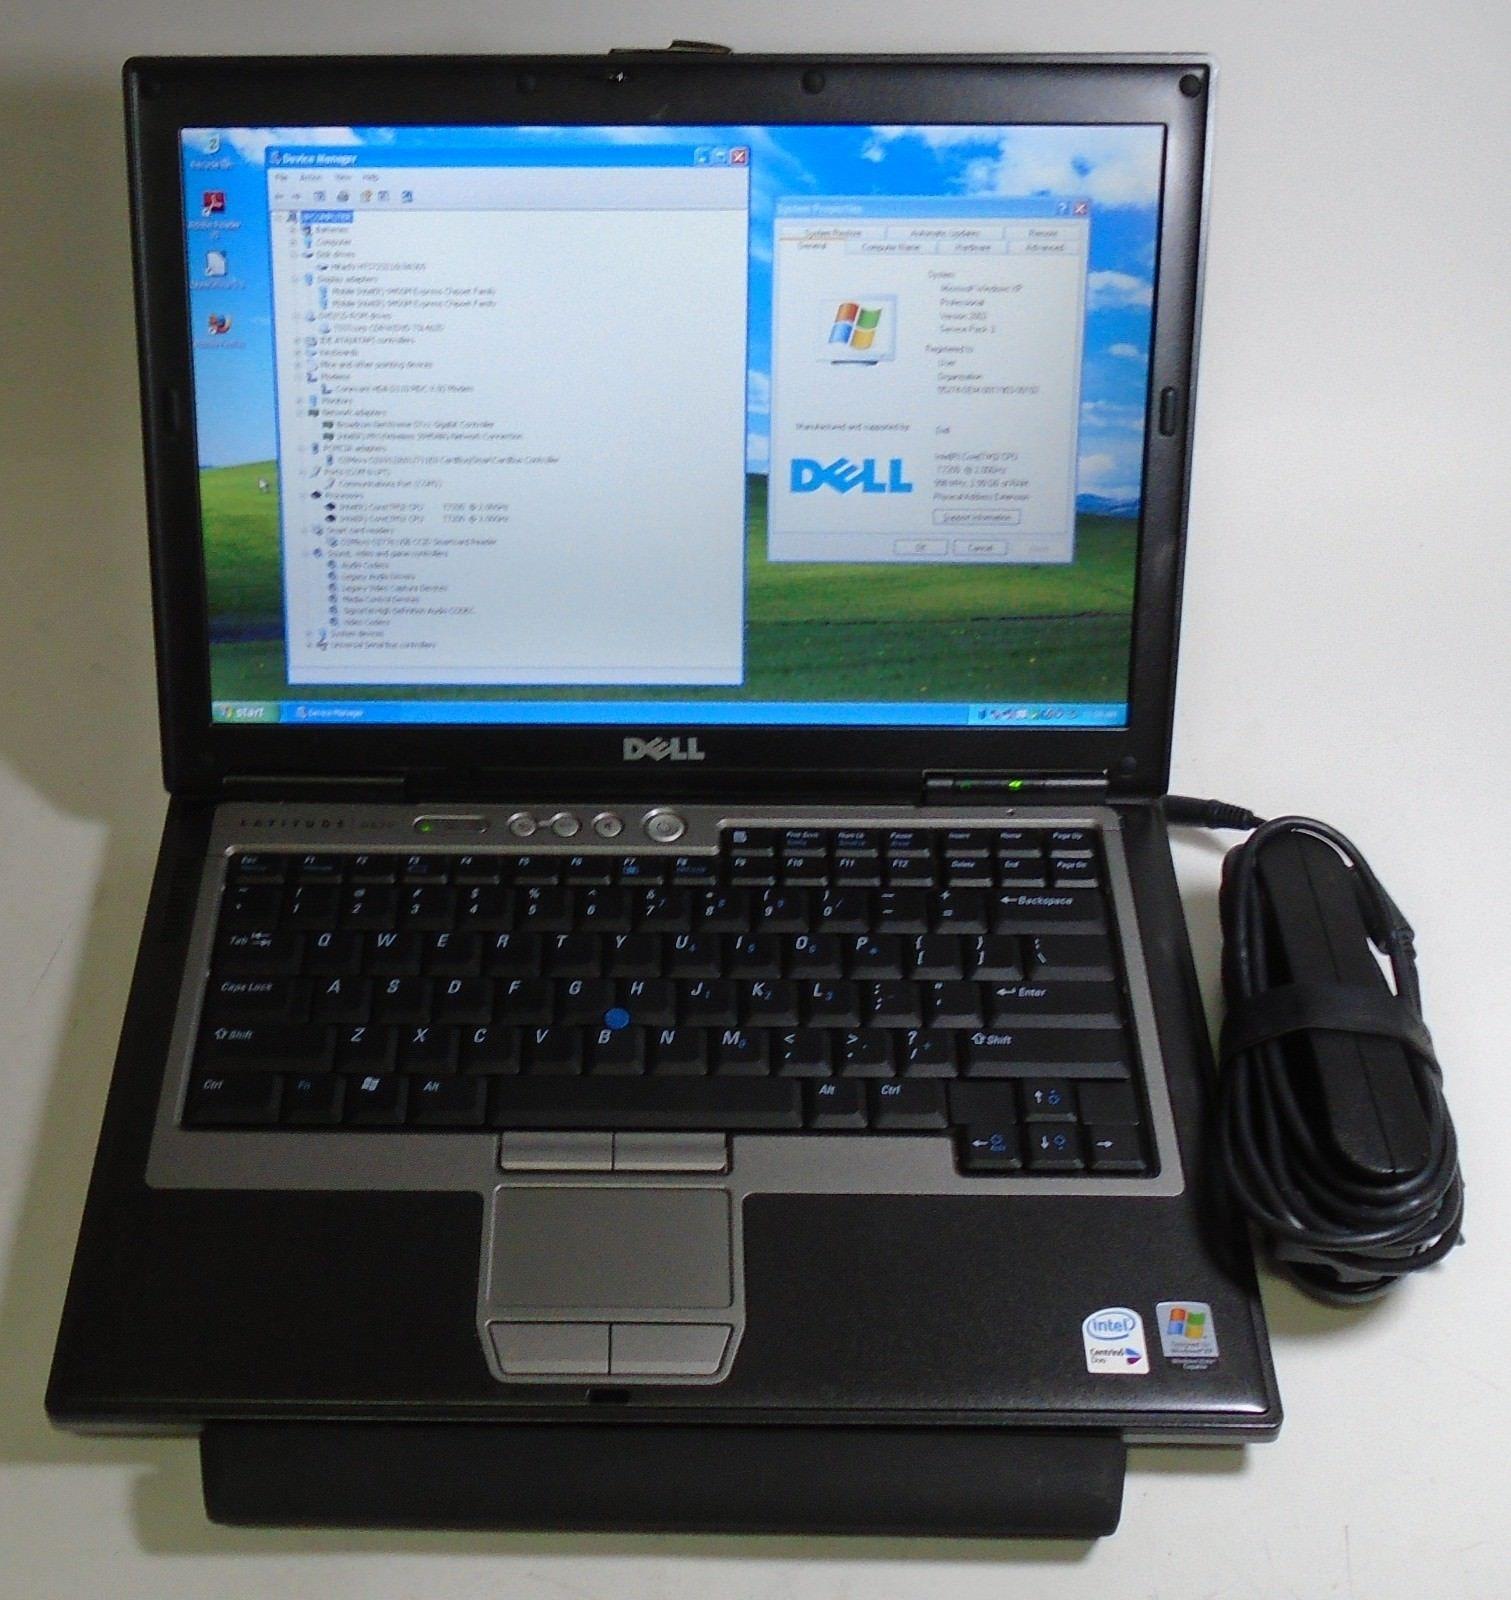 Dell Latitude D620 14 1 Windows XP Pro Intel Dual Core 2 00GHz 3GB